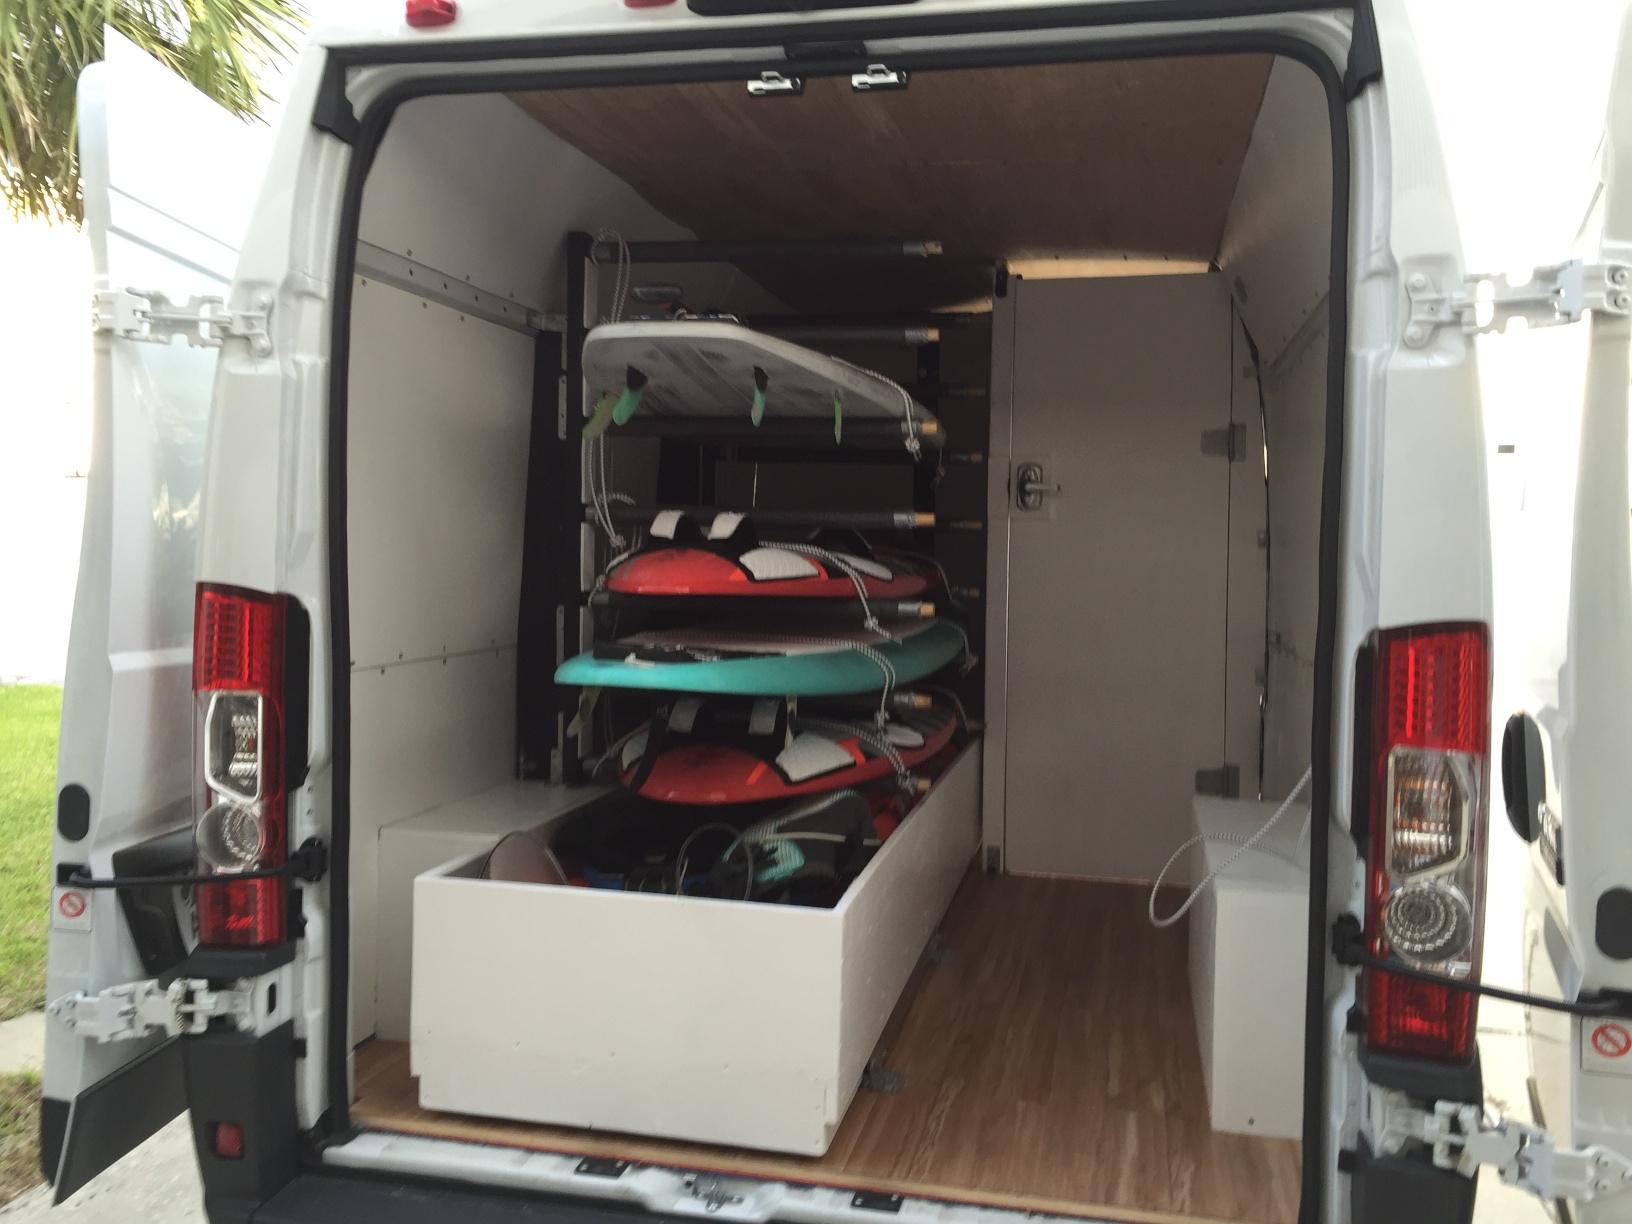 My van configured for toy hauling. All in one van. Magic!